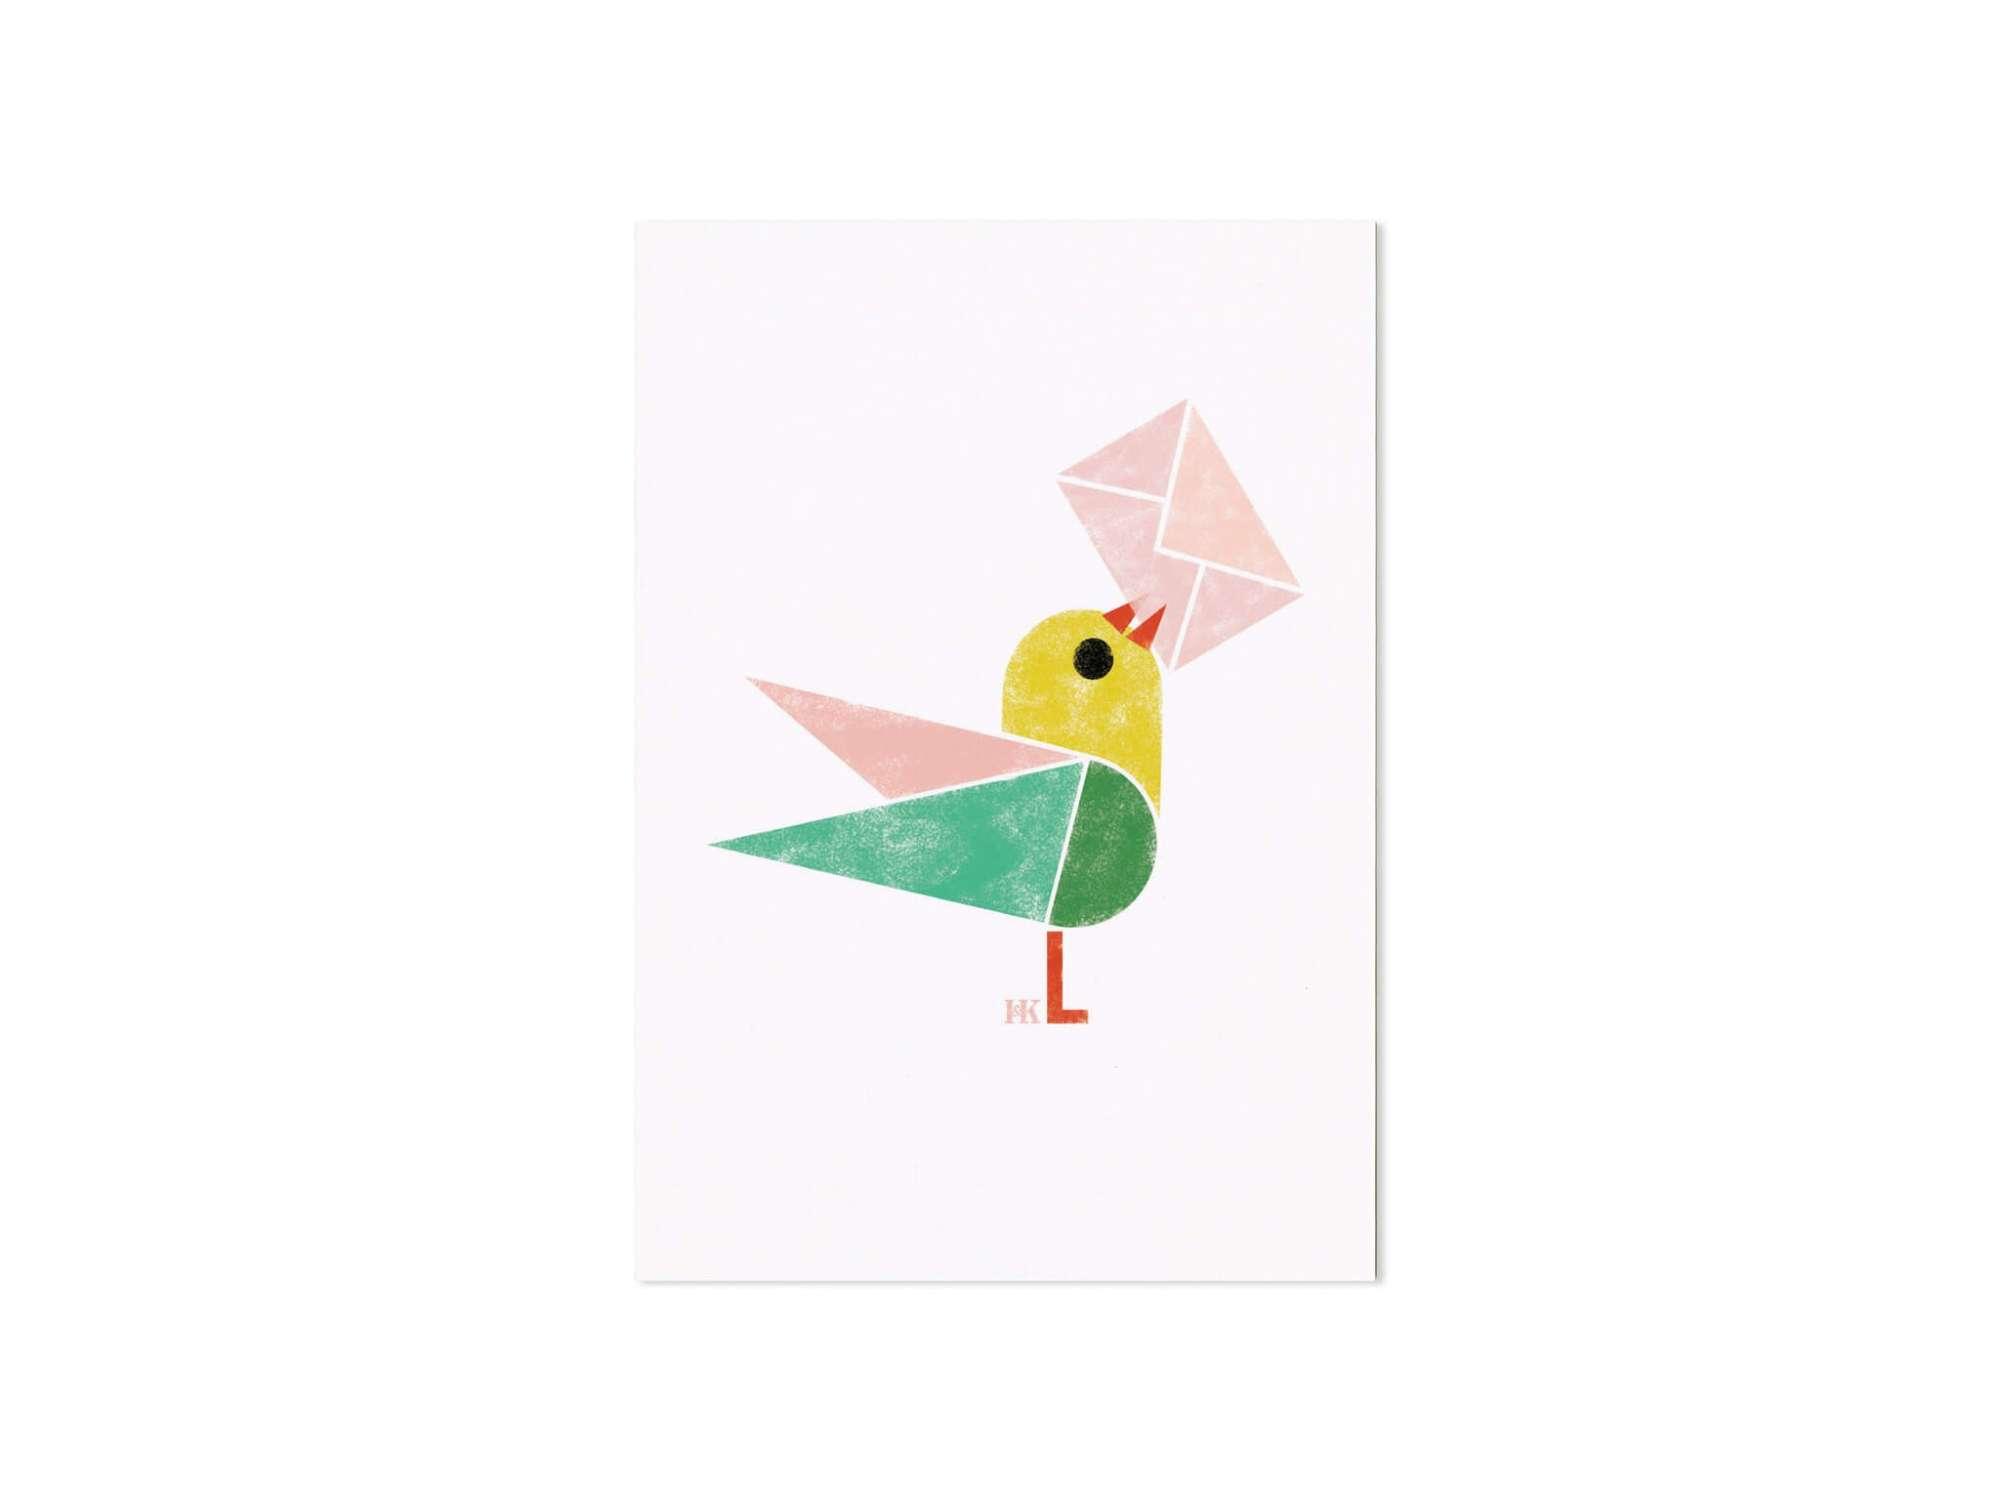 Birdy, Un oiseau vous apporte une lettre d'amour, Ich&Kar dessine une série de cartes illustrées de petits oiseaux.